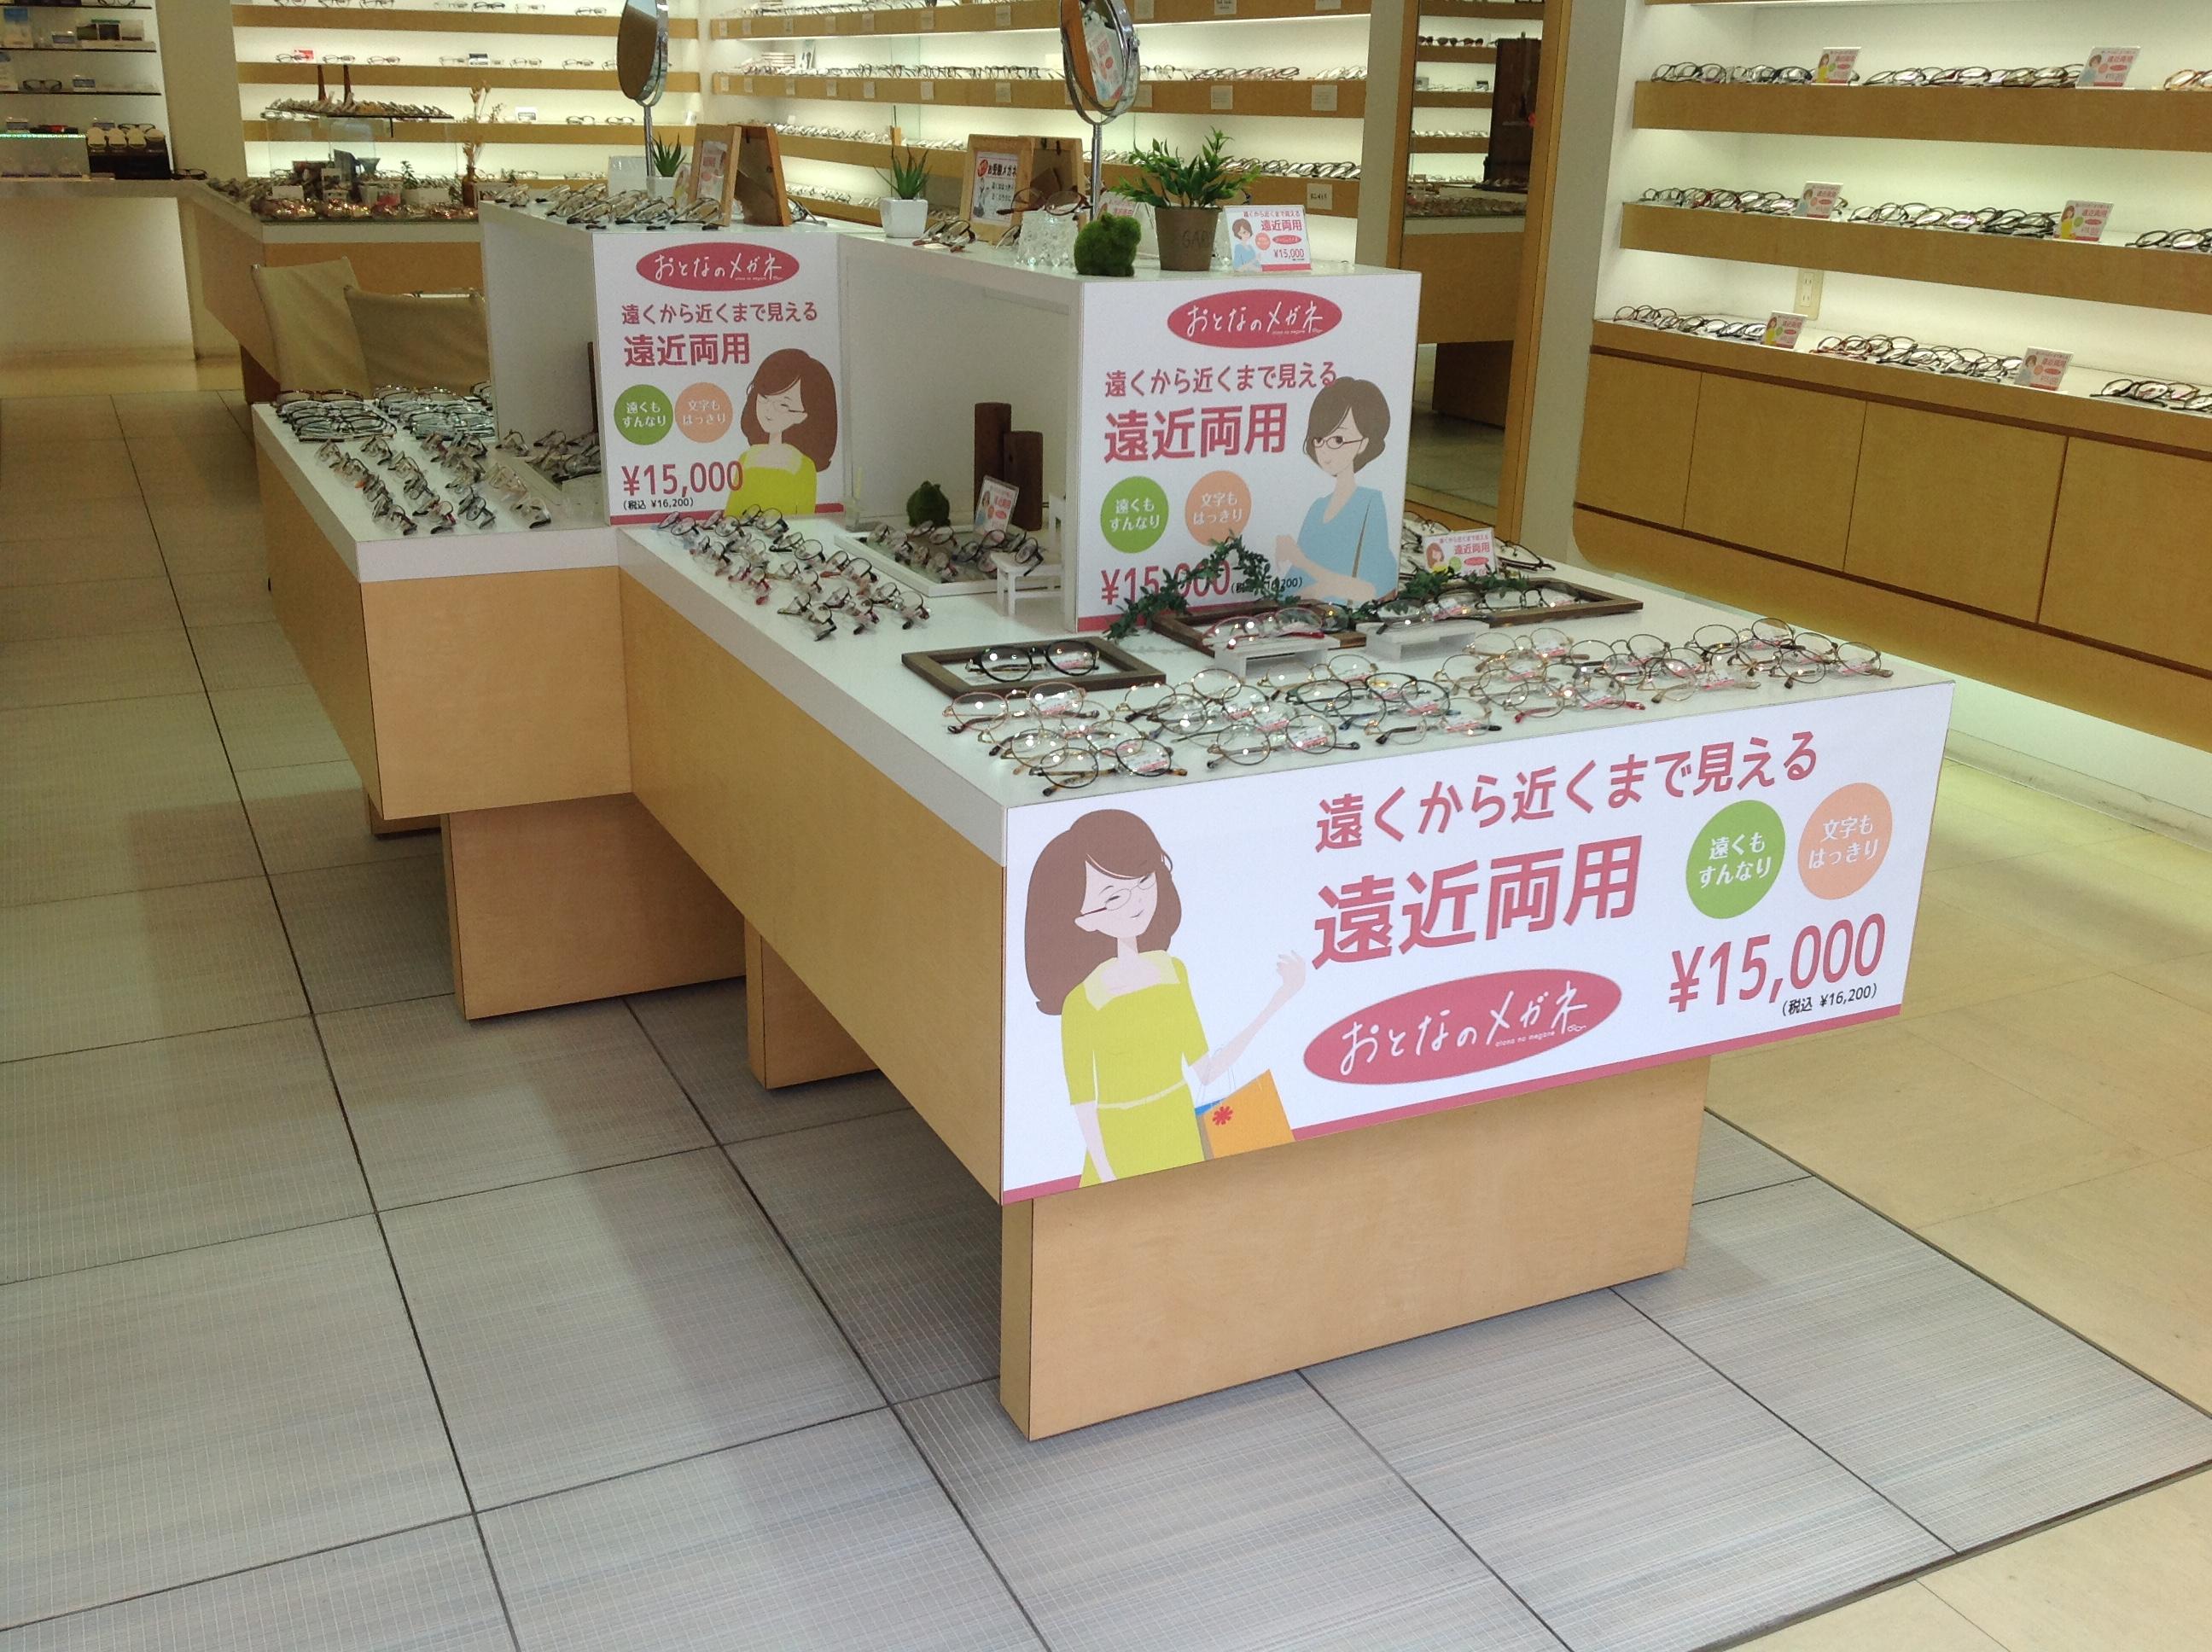 東京都 江戸川区 瑞江 おしゃれメガネ